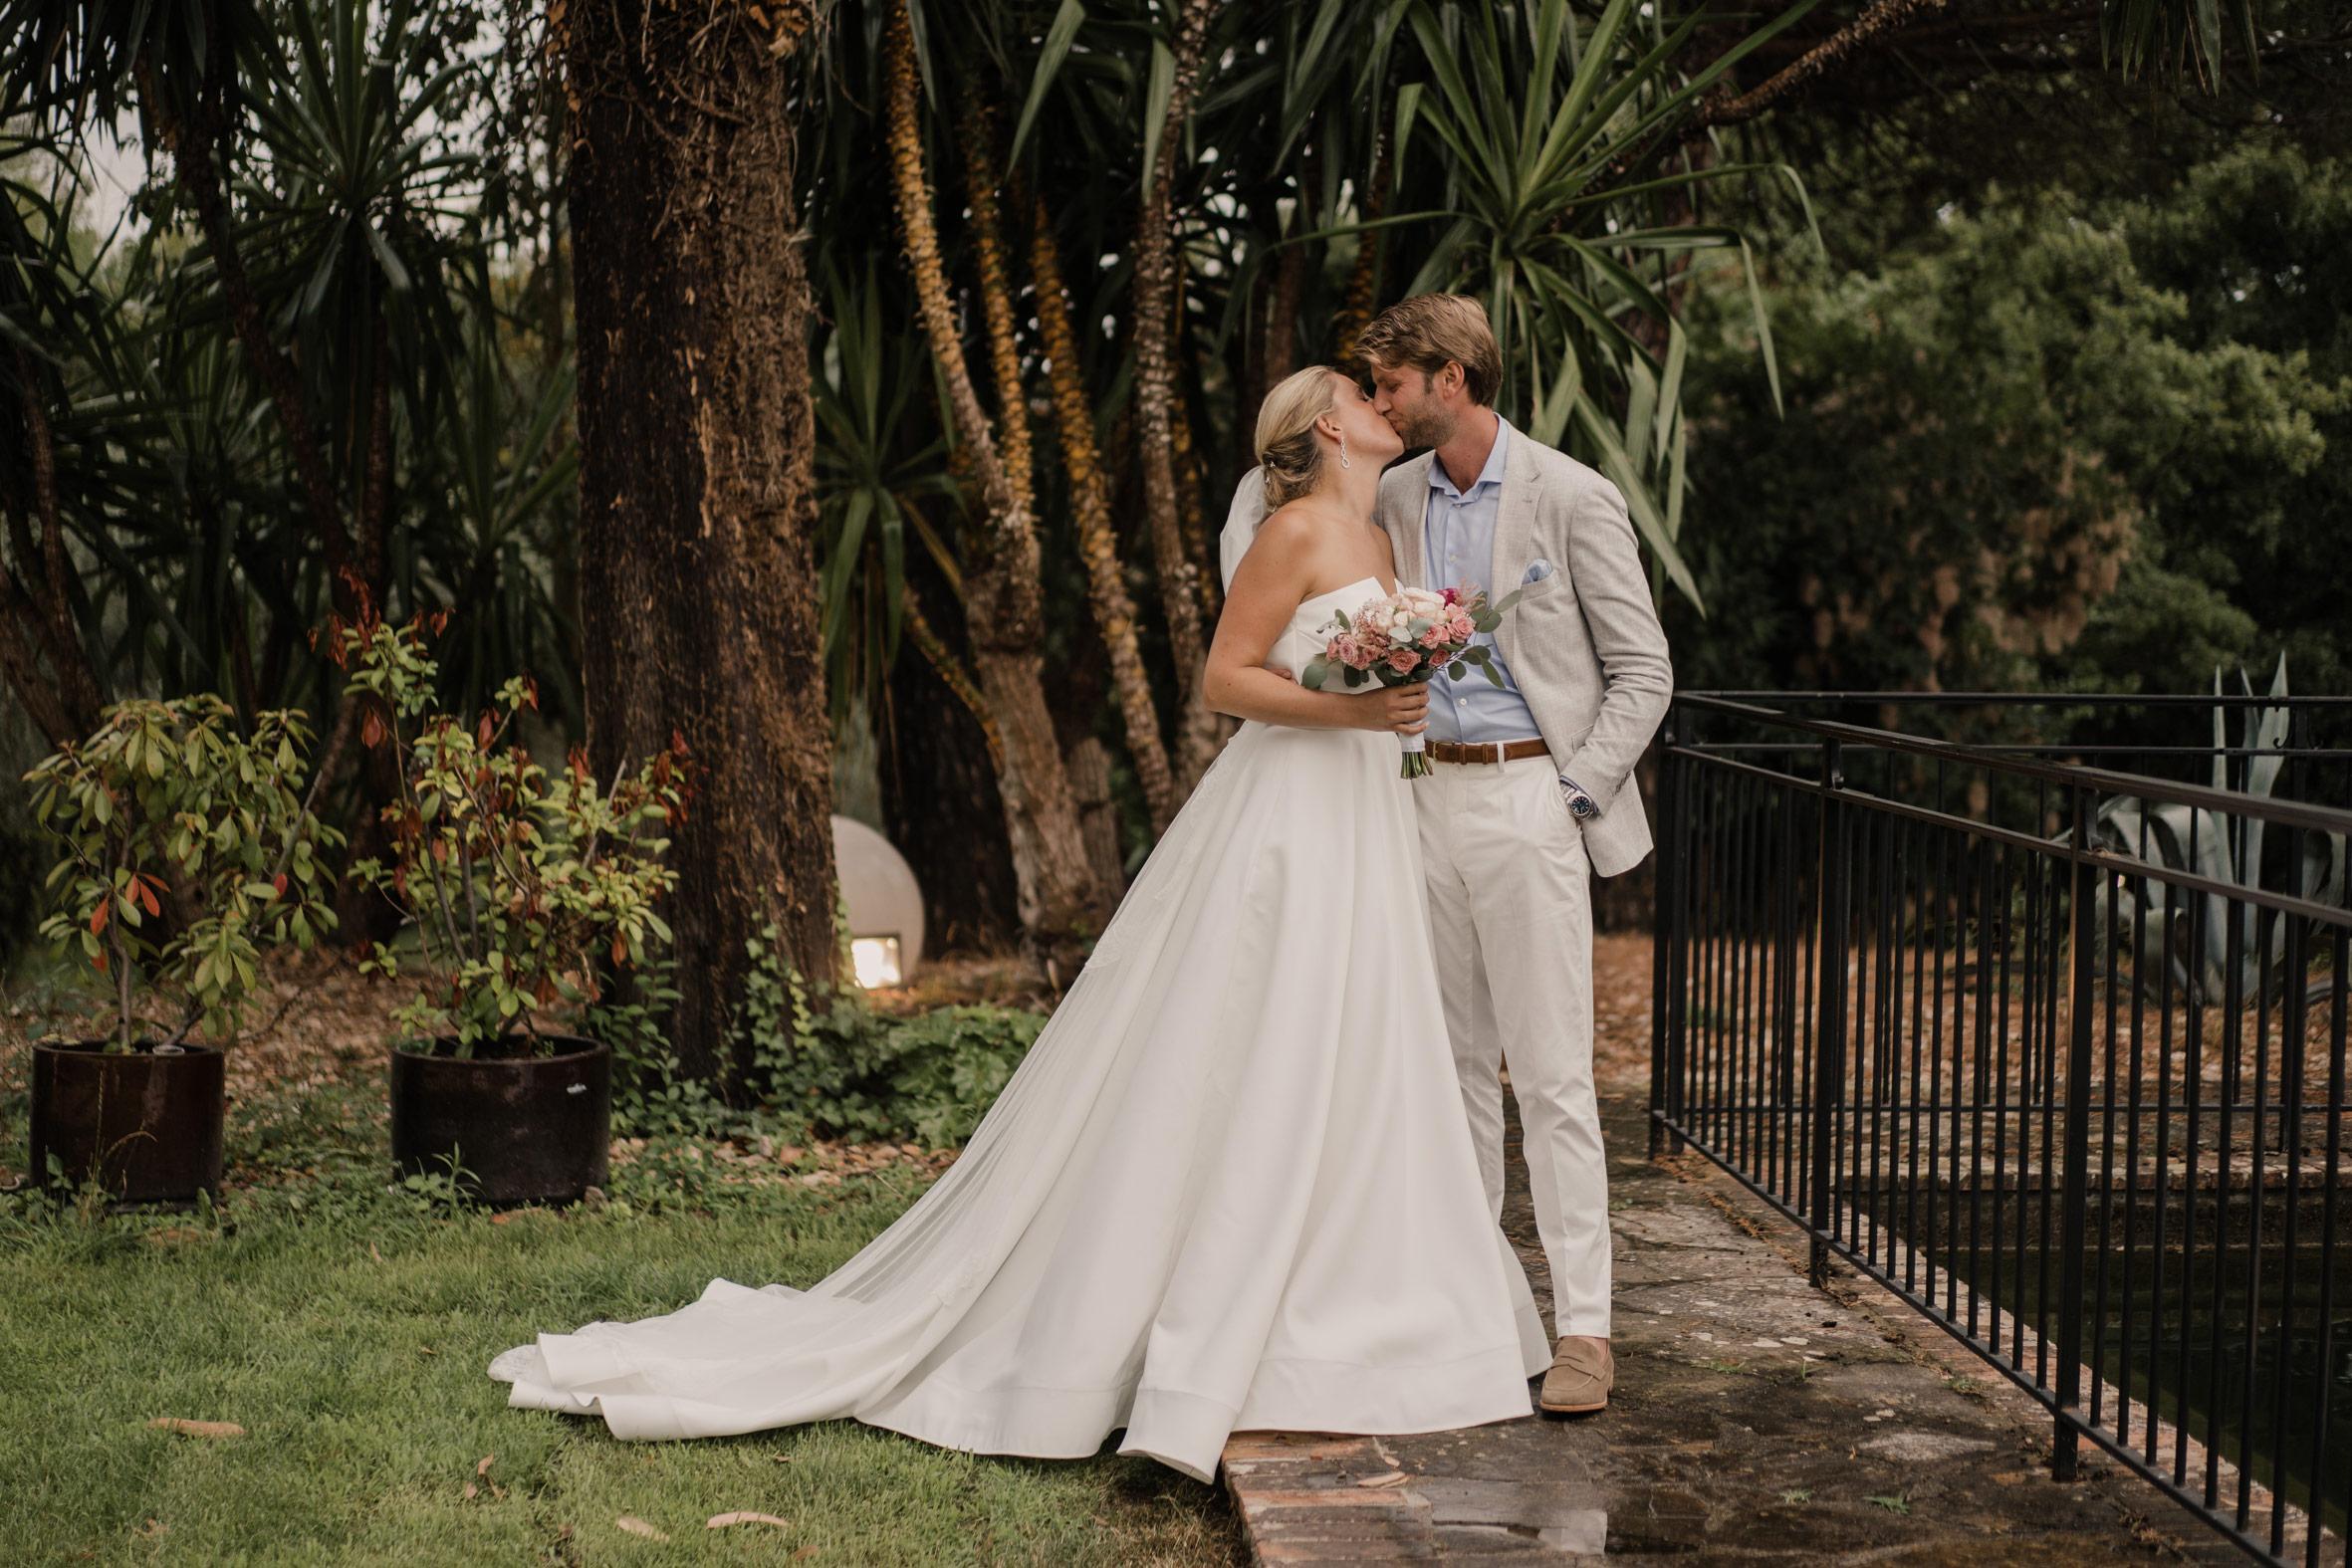 photographe_mariage_luxembourg_parc_lenotre_lorraine_n4